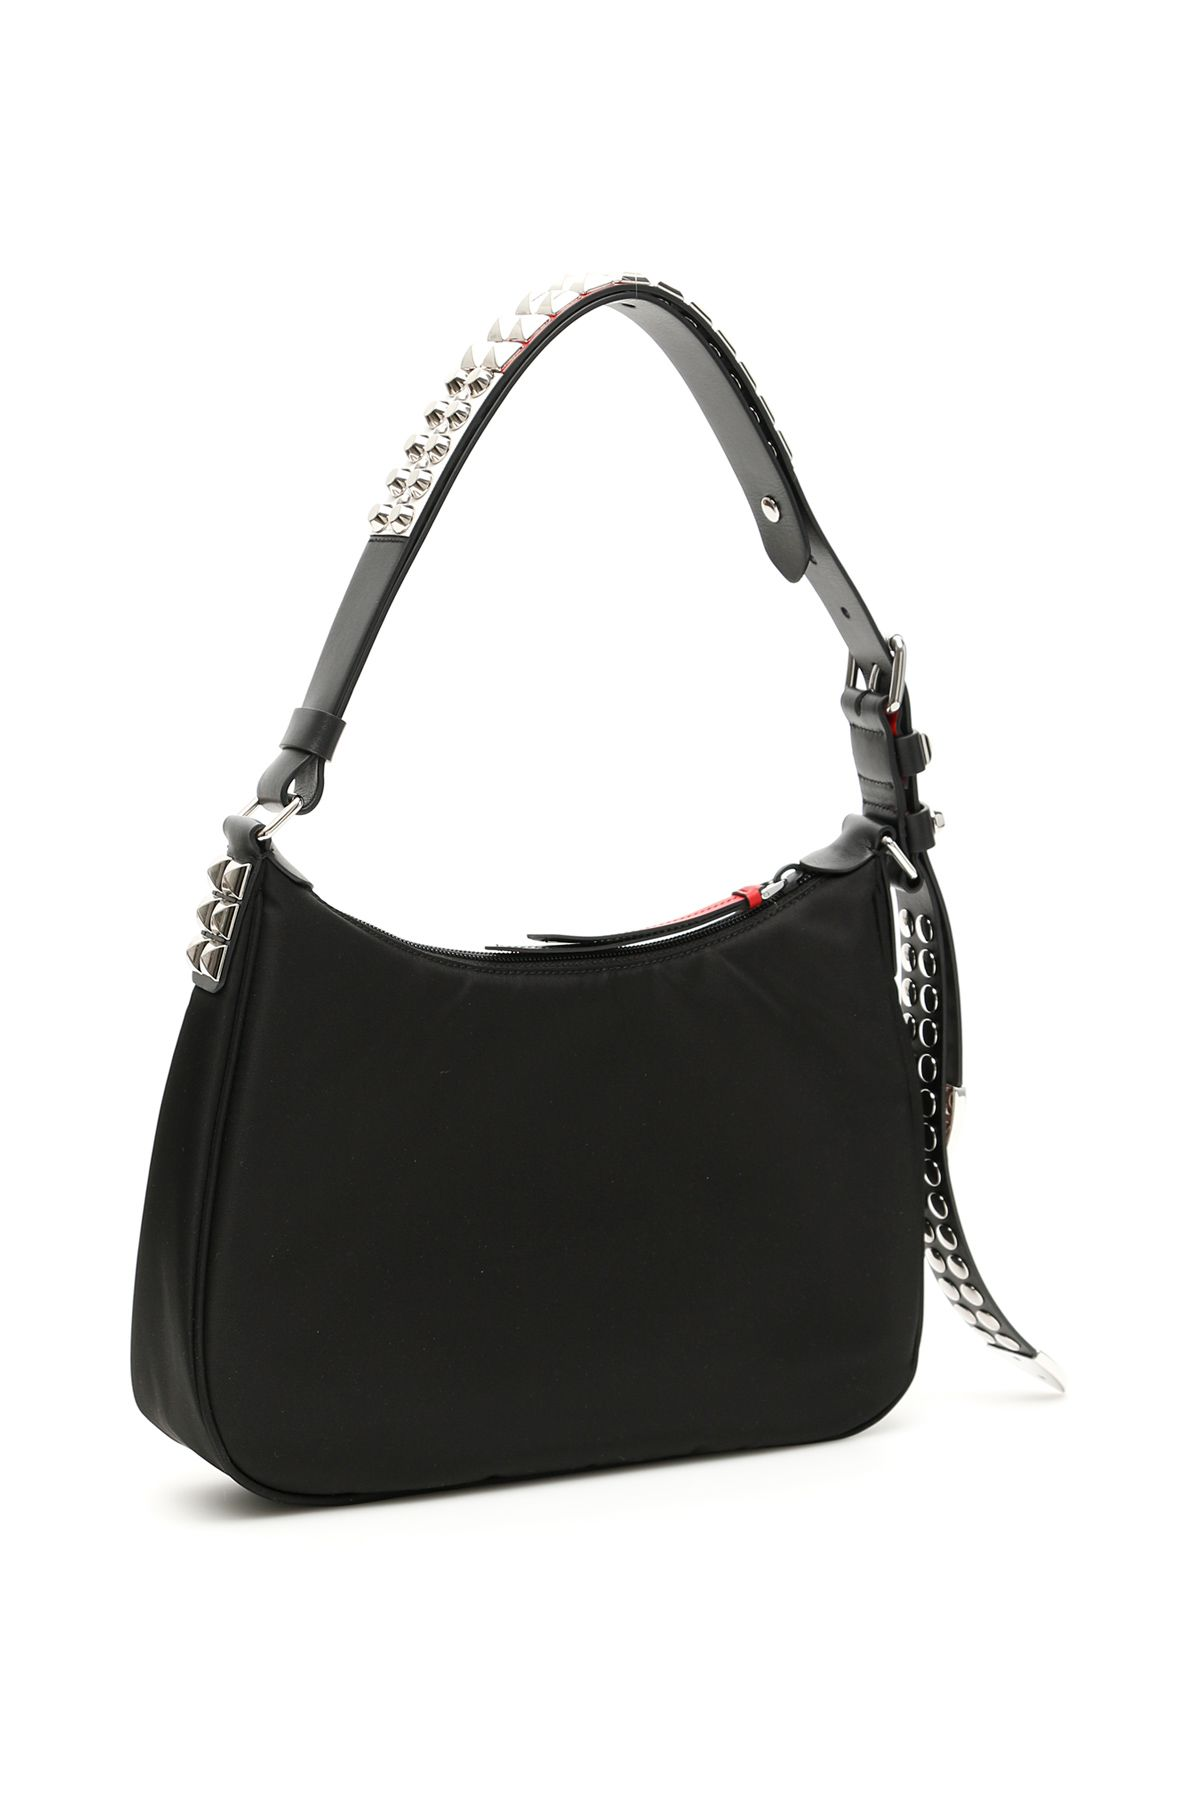 c6f95dc8fac9bb Prada Prada New Vela Hobo Bag - NERO FUOCO (Black) - 10962098 | italist